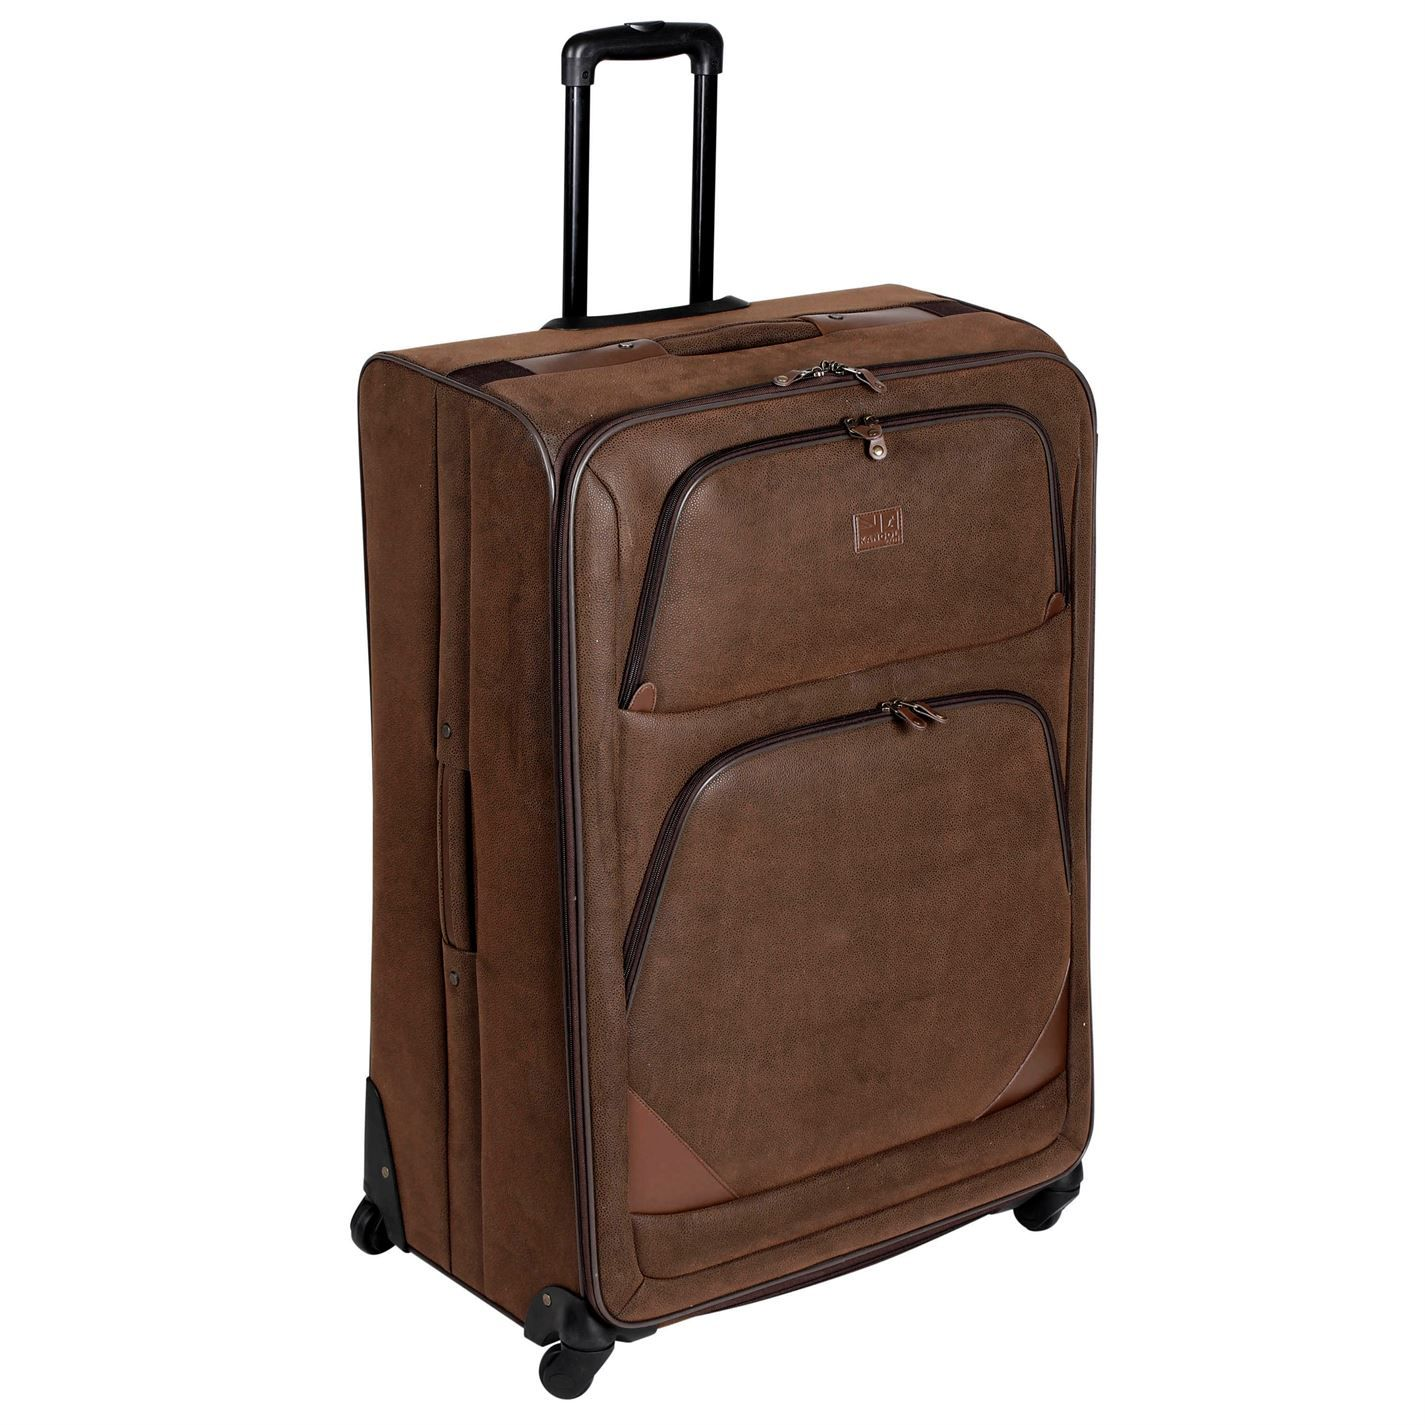 Kangol 4 Wheel Suitcase